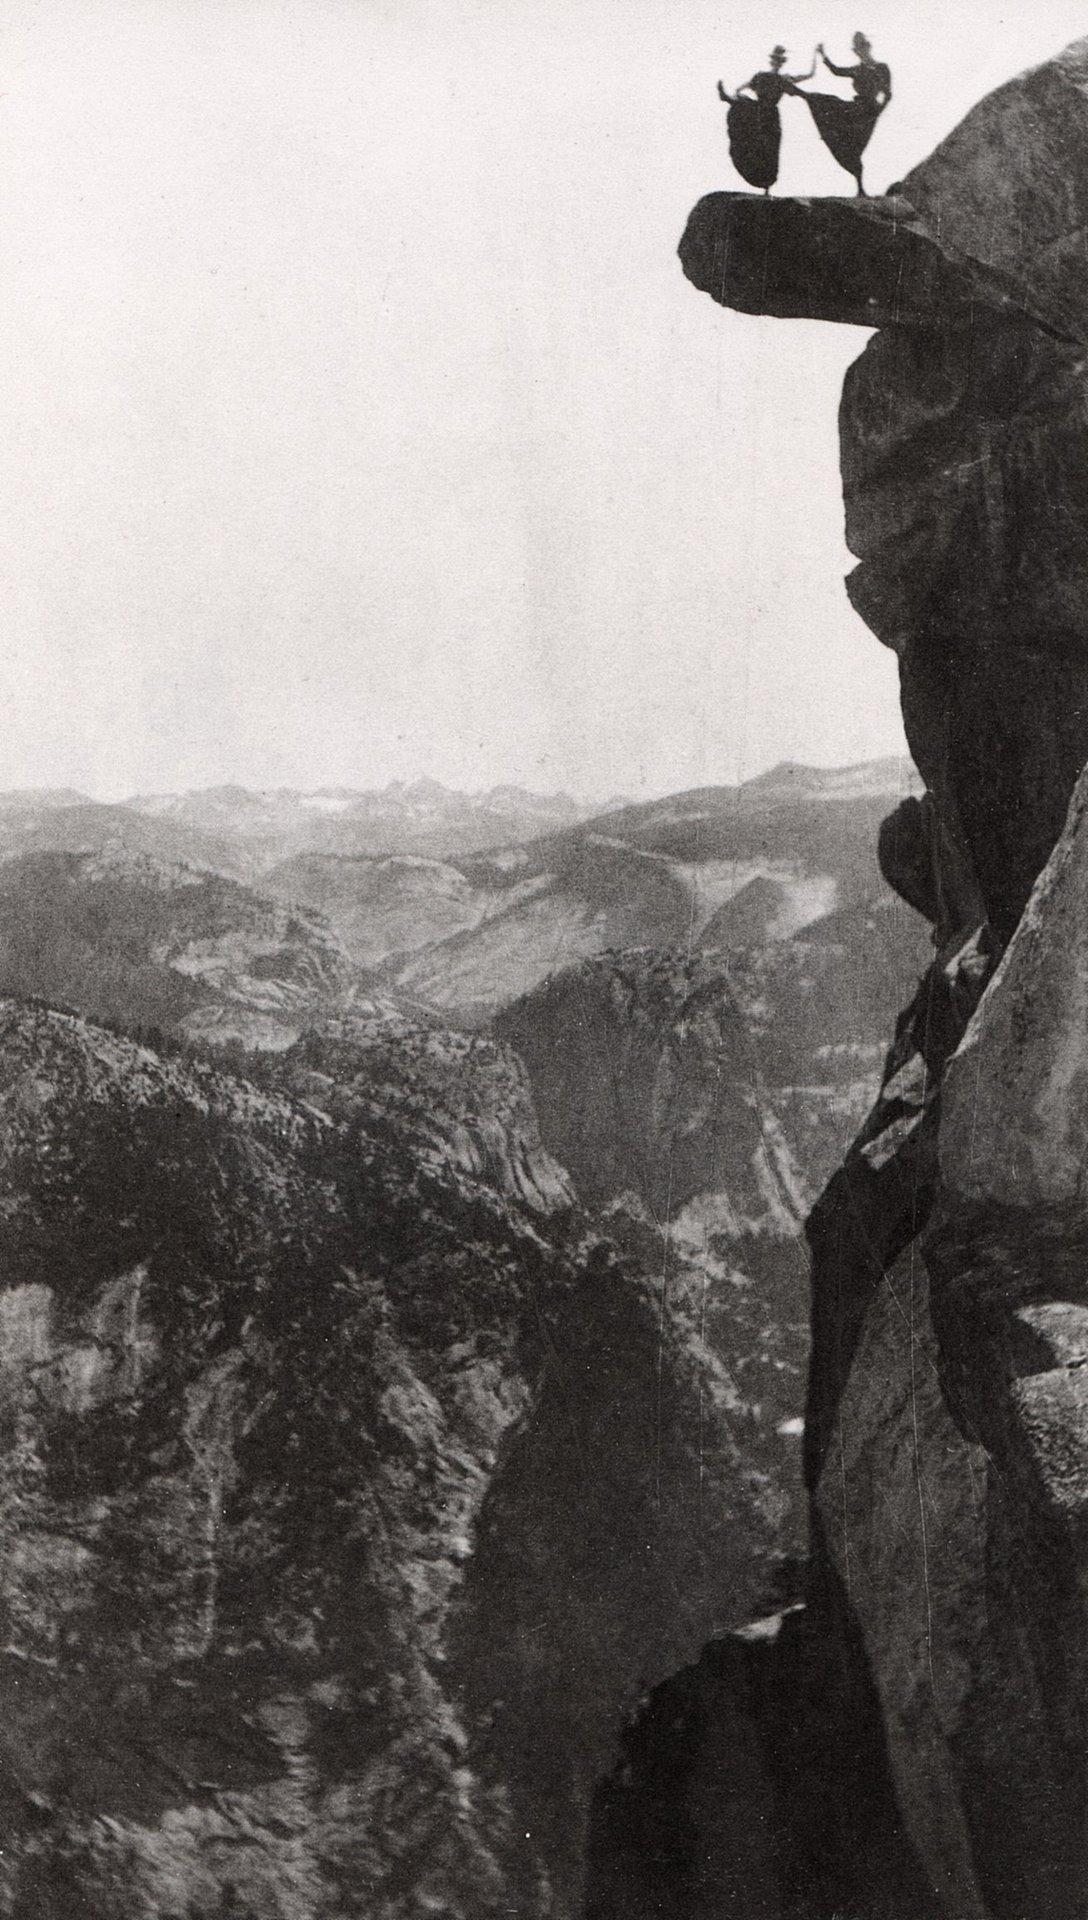 1901. Két nő veszélyes mutatványa a Glacier Point-on a Yosemite Nemzeti Parkban..jpg